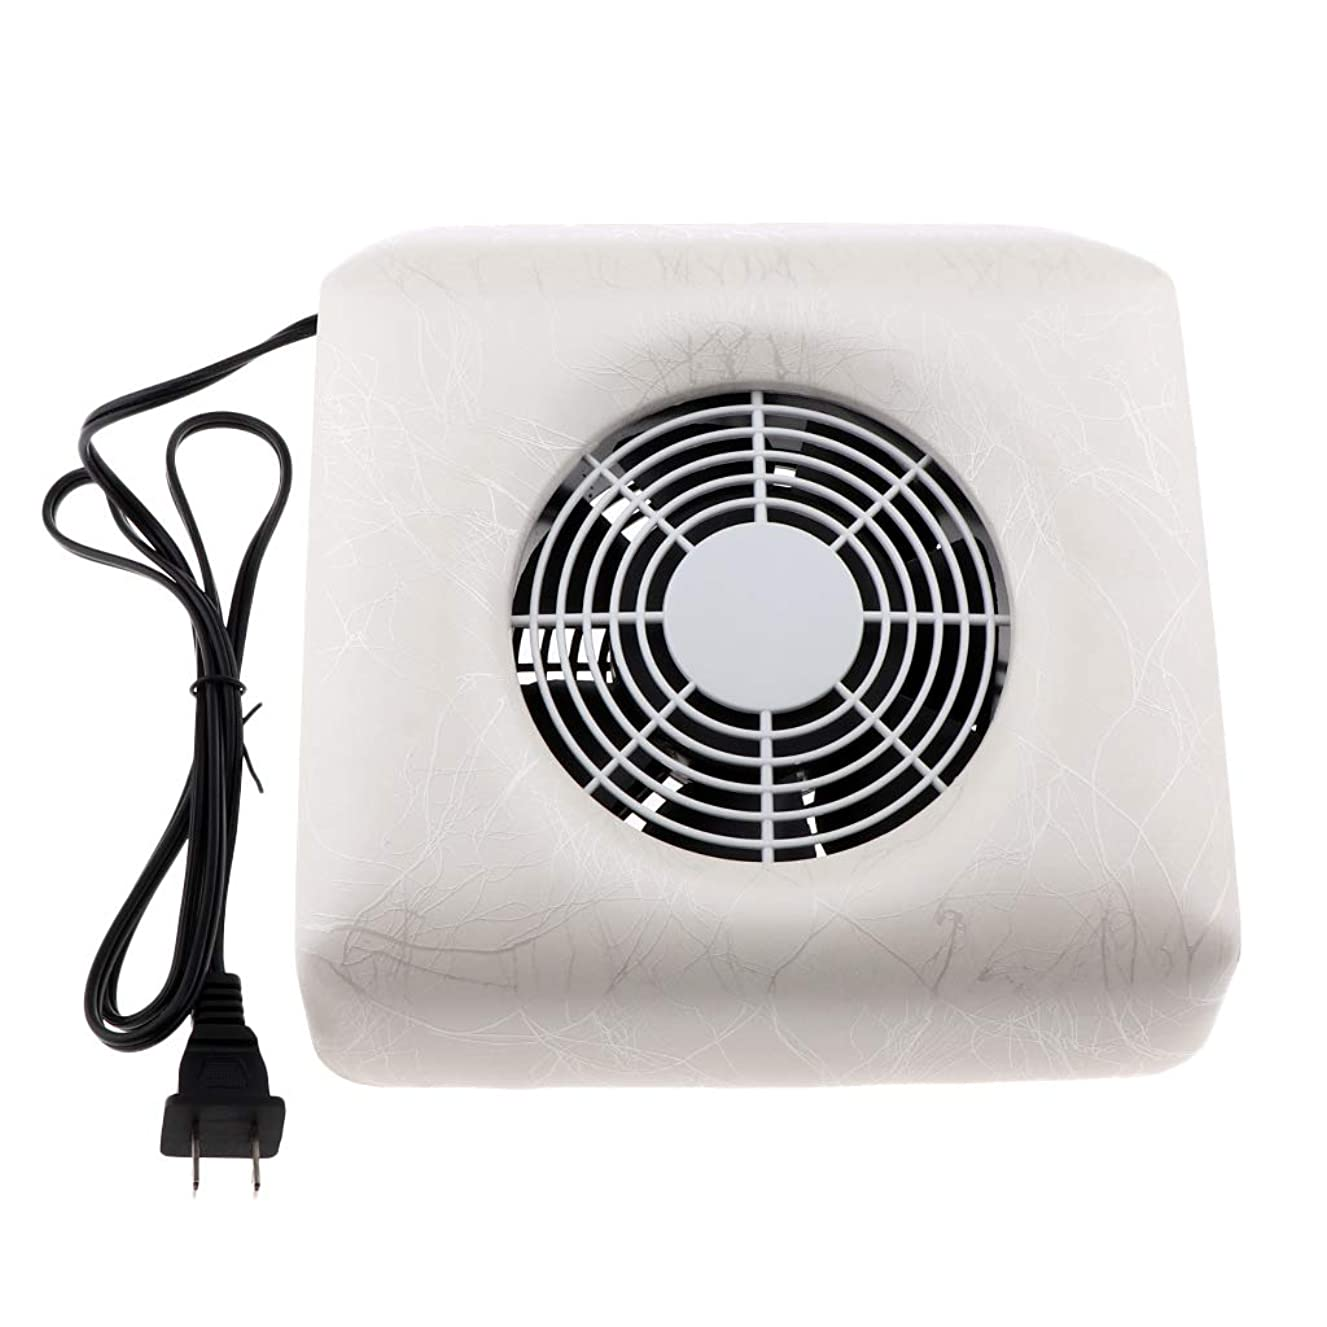 バドミントンプレミア請求可能CUTICATE ネイルダストコレクター ネイルアート集塵機 掃除機 全4色 - 白